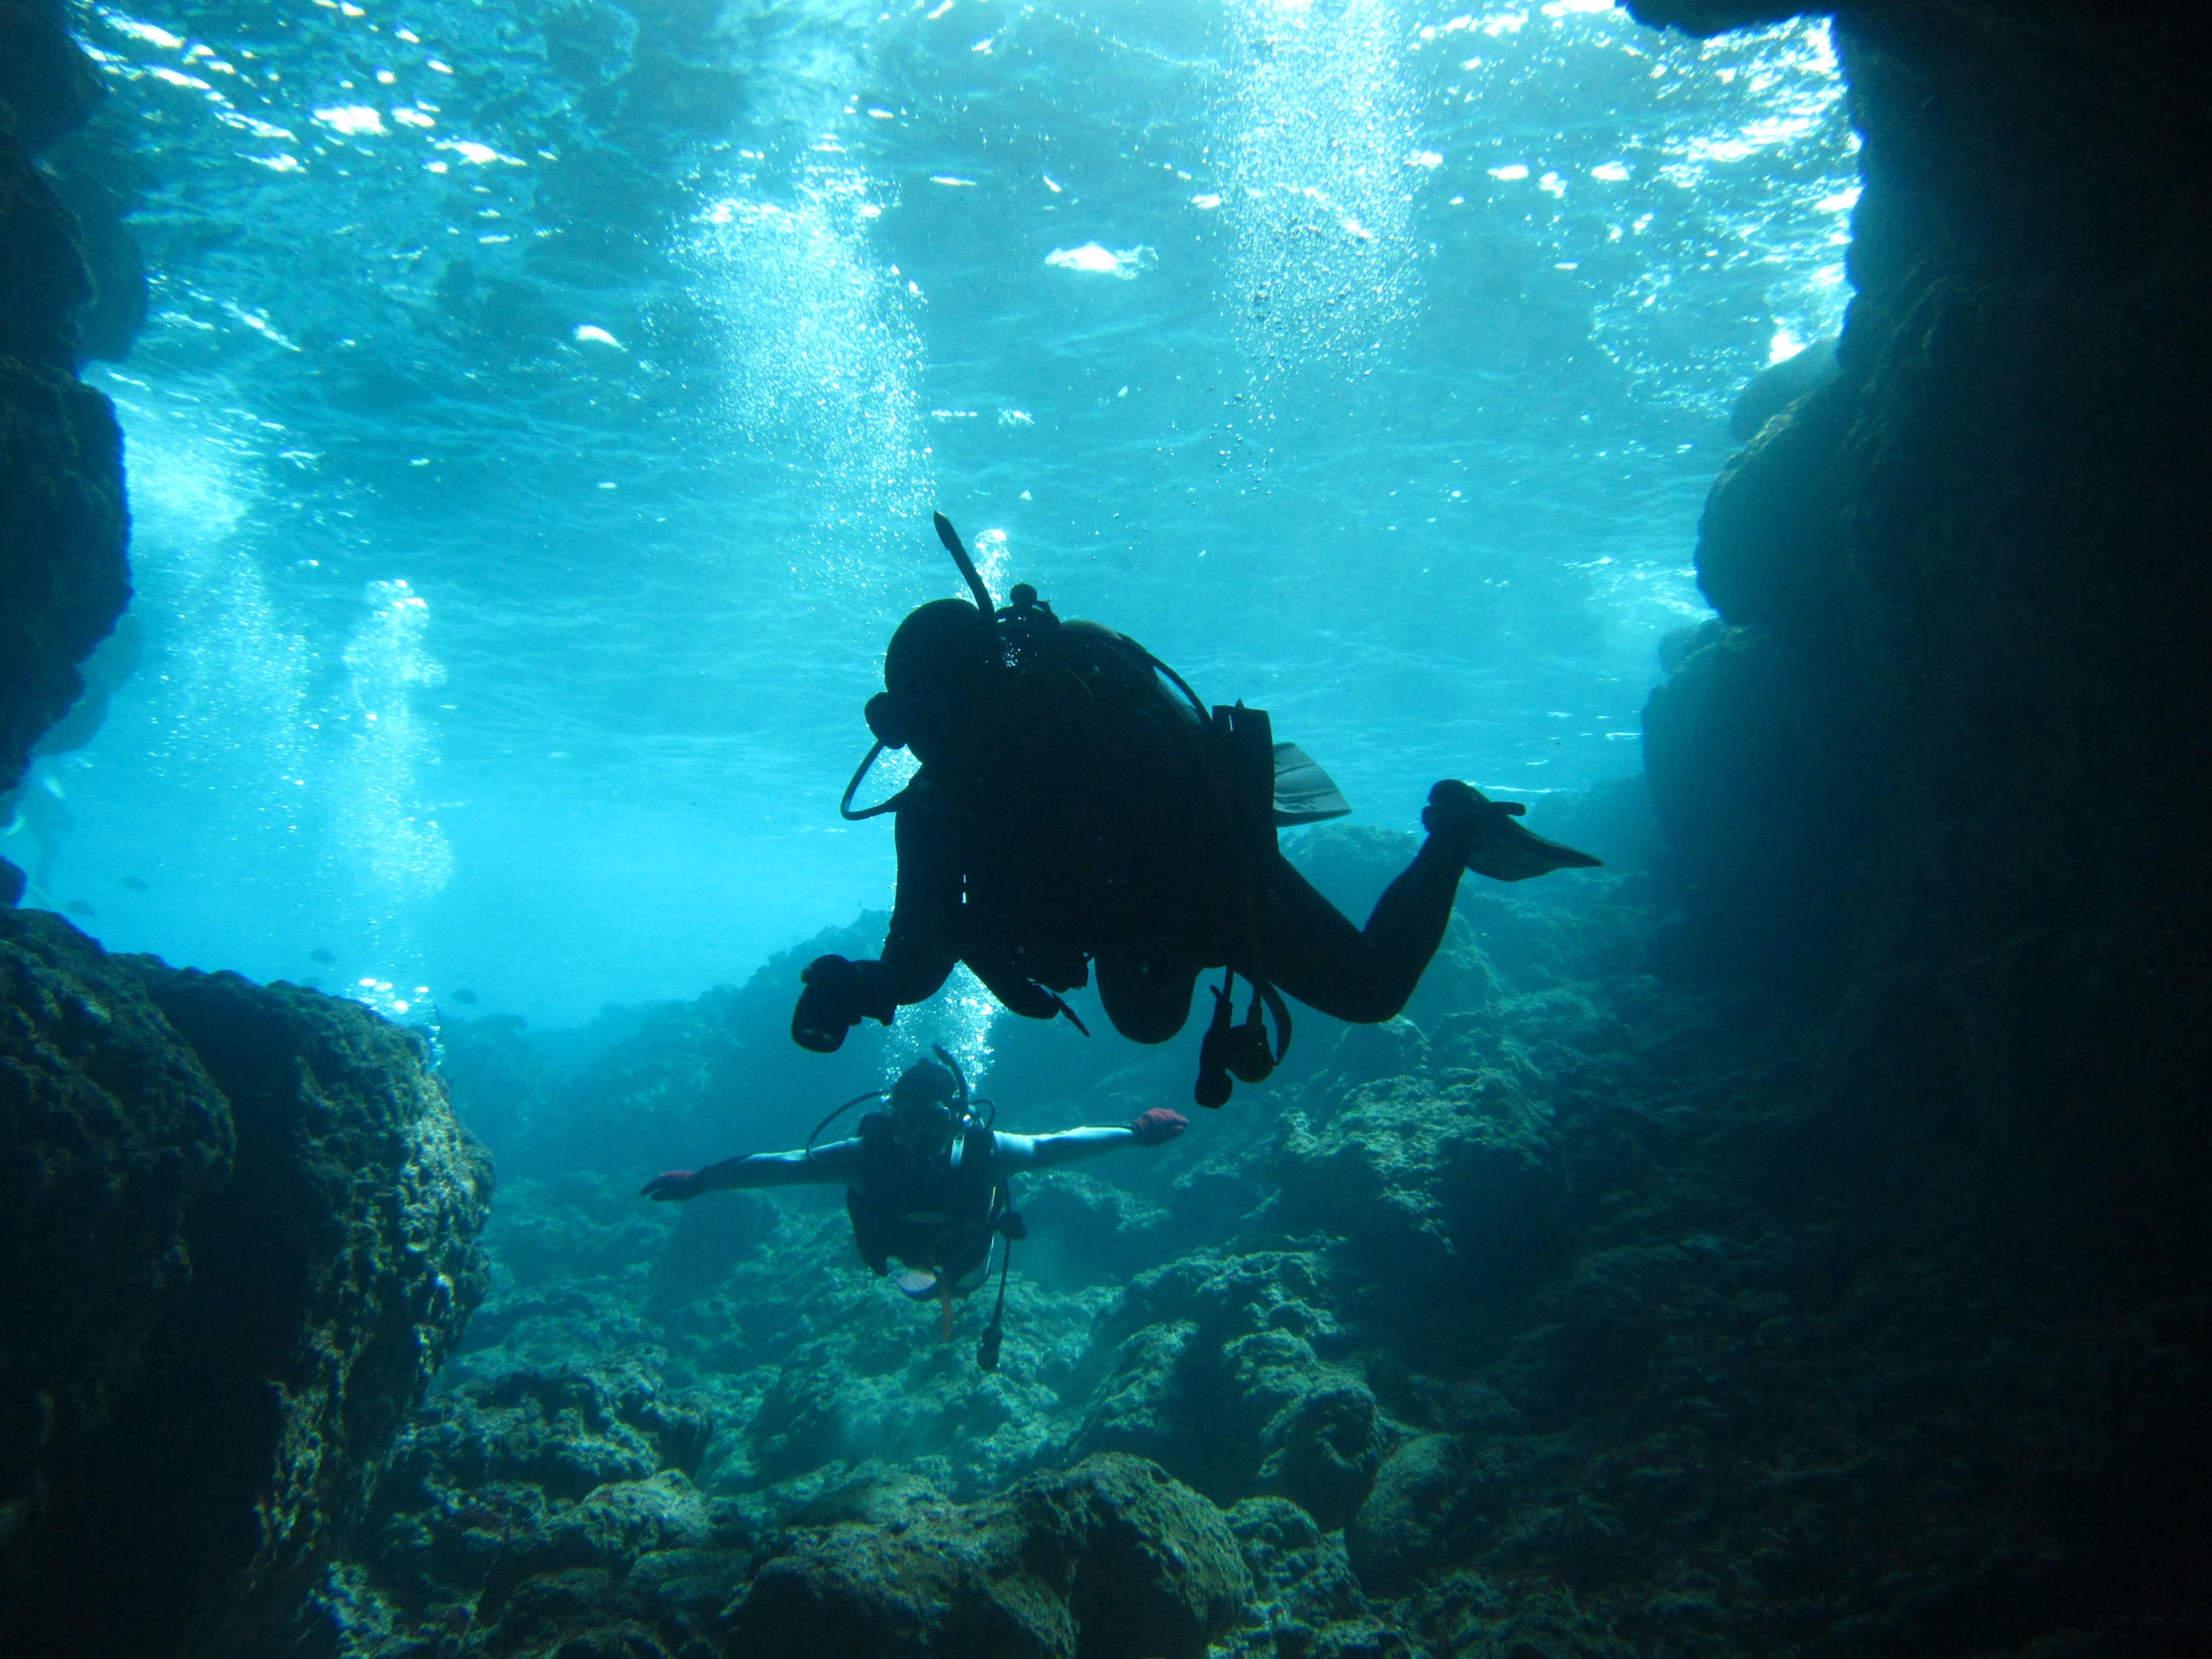 水中でのふわふわ浮遊感はダイバーにしか味わえない体験です